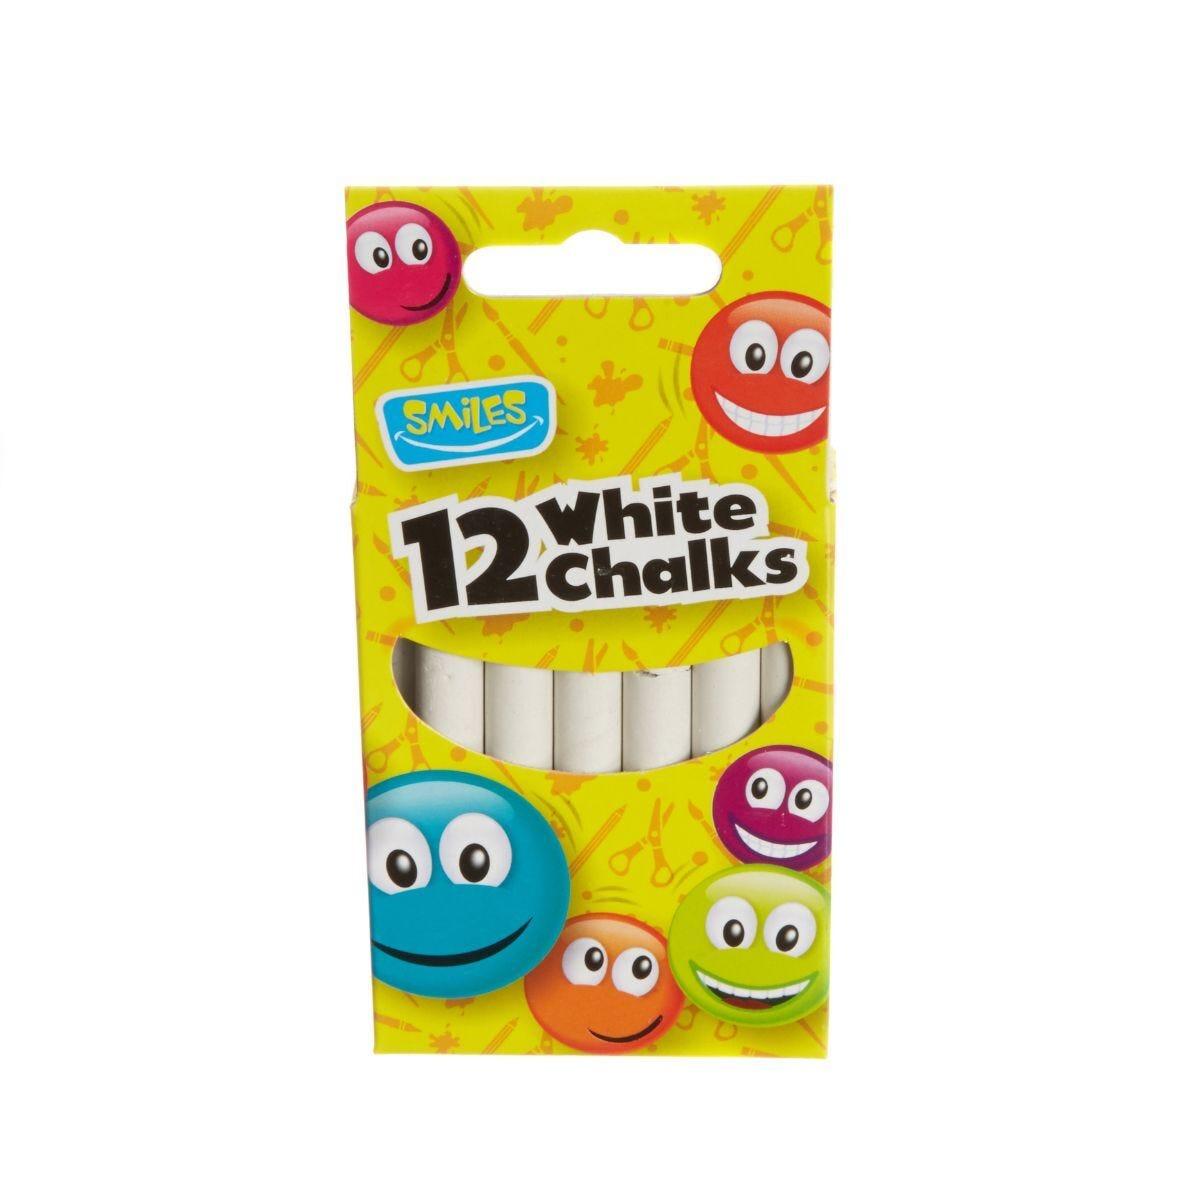 Smiles White Chalks Pack of 12